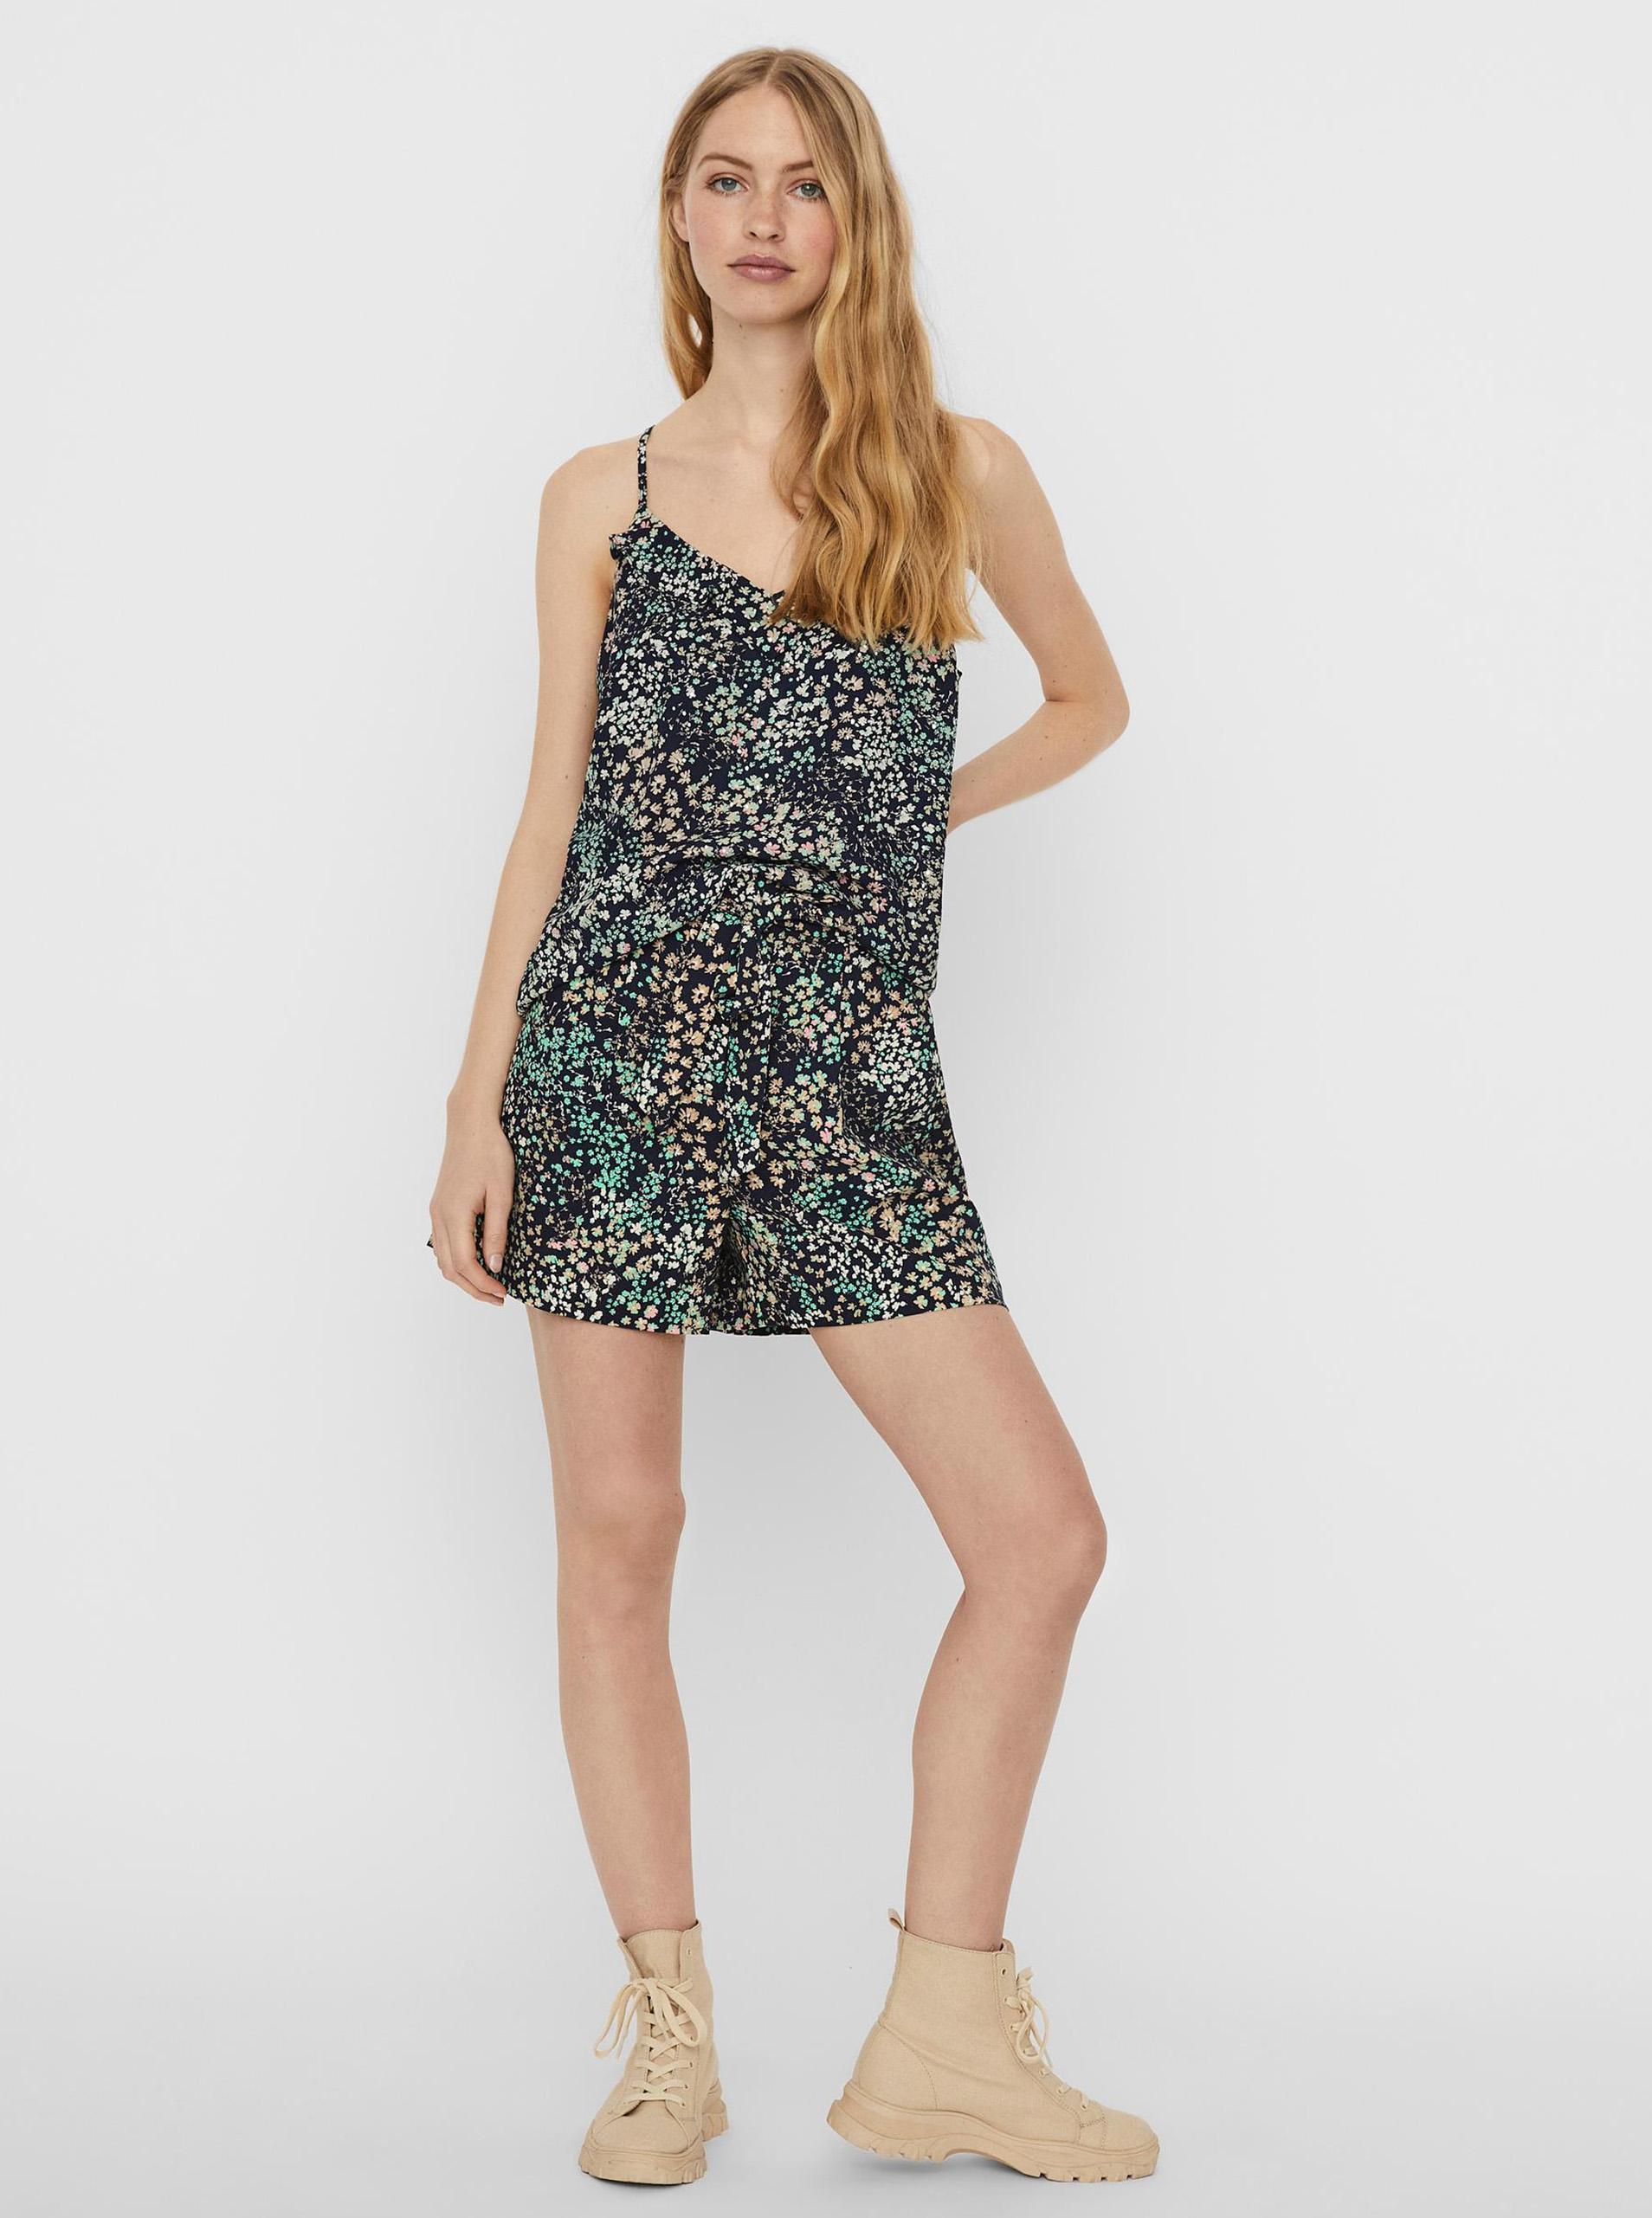 Vero Moda top Hannah s cvetličnim motivom